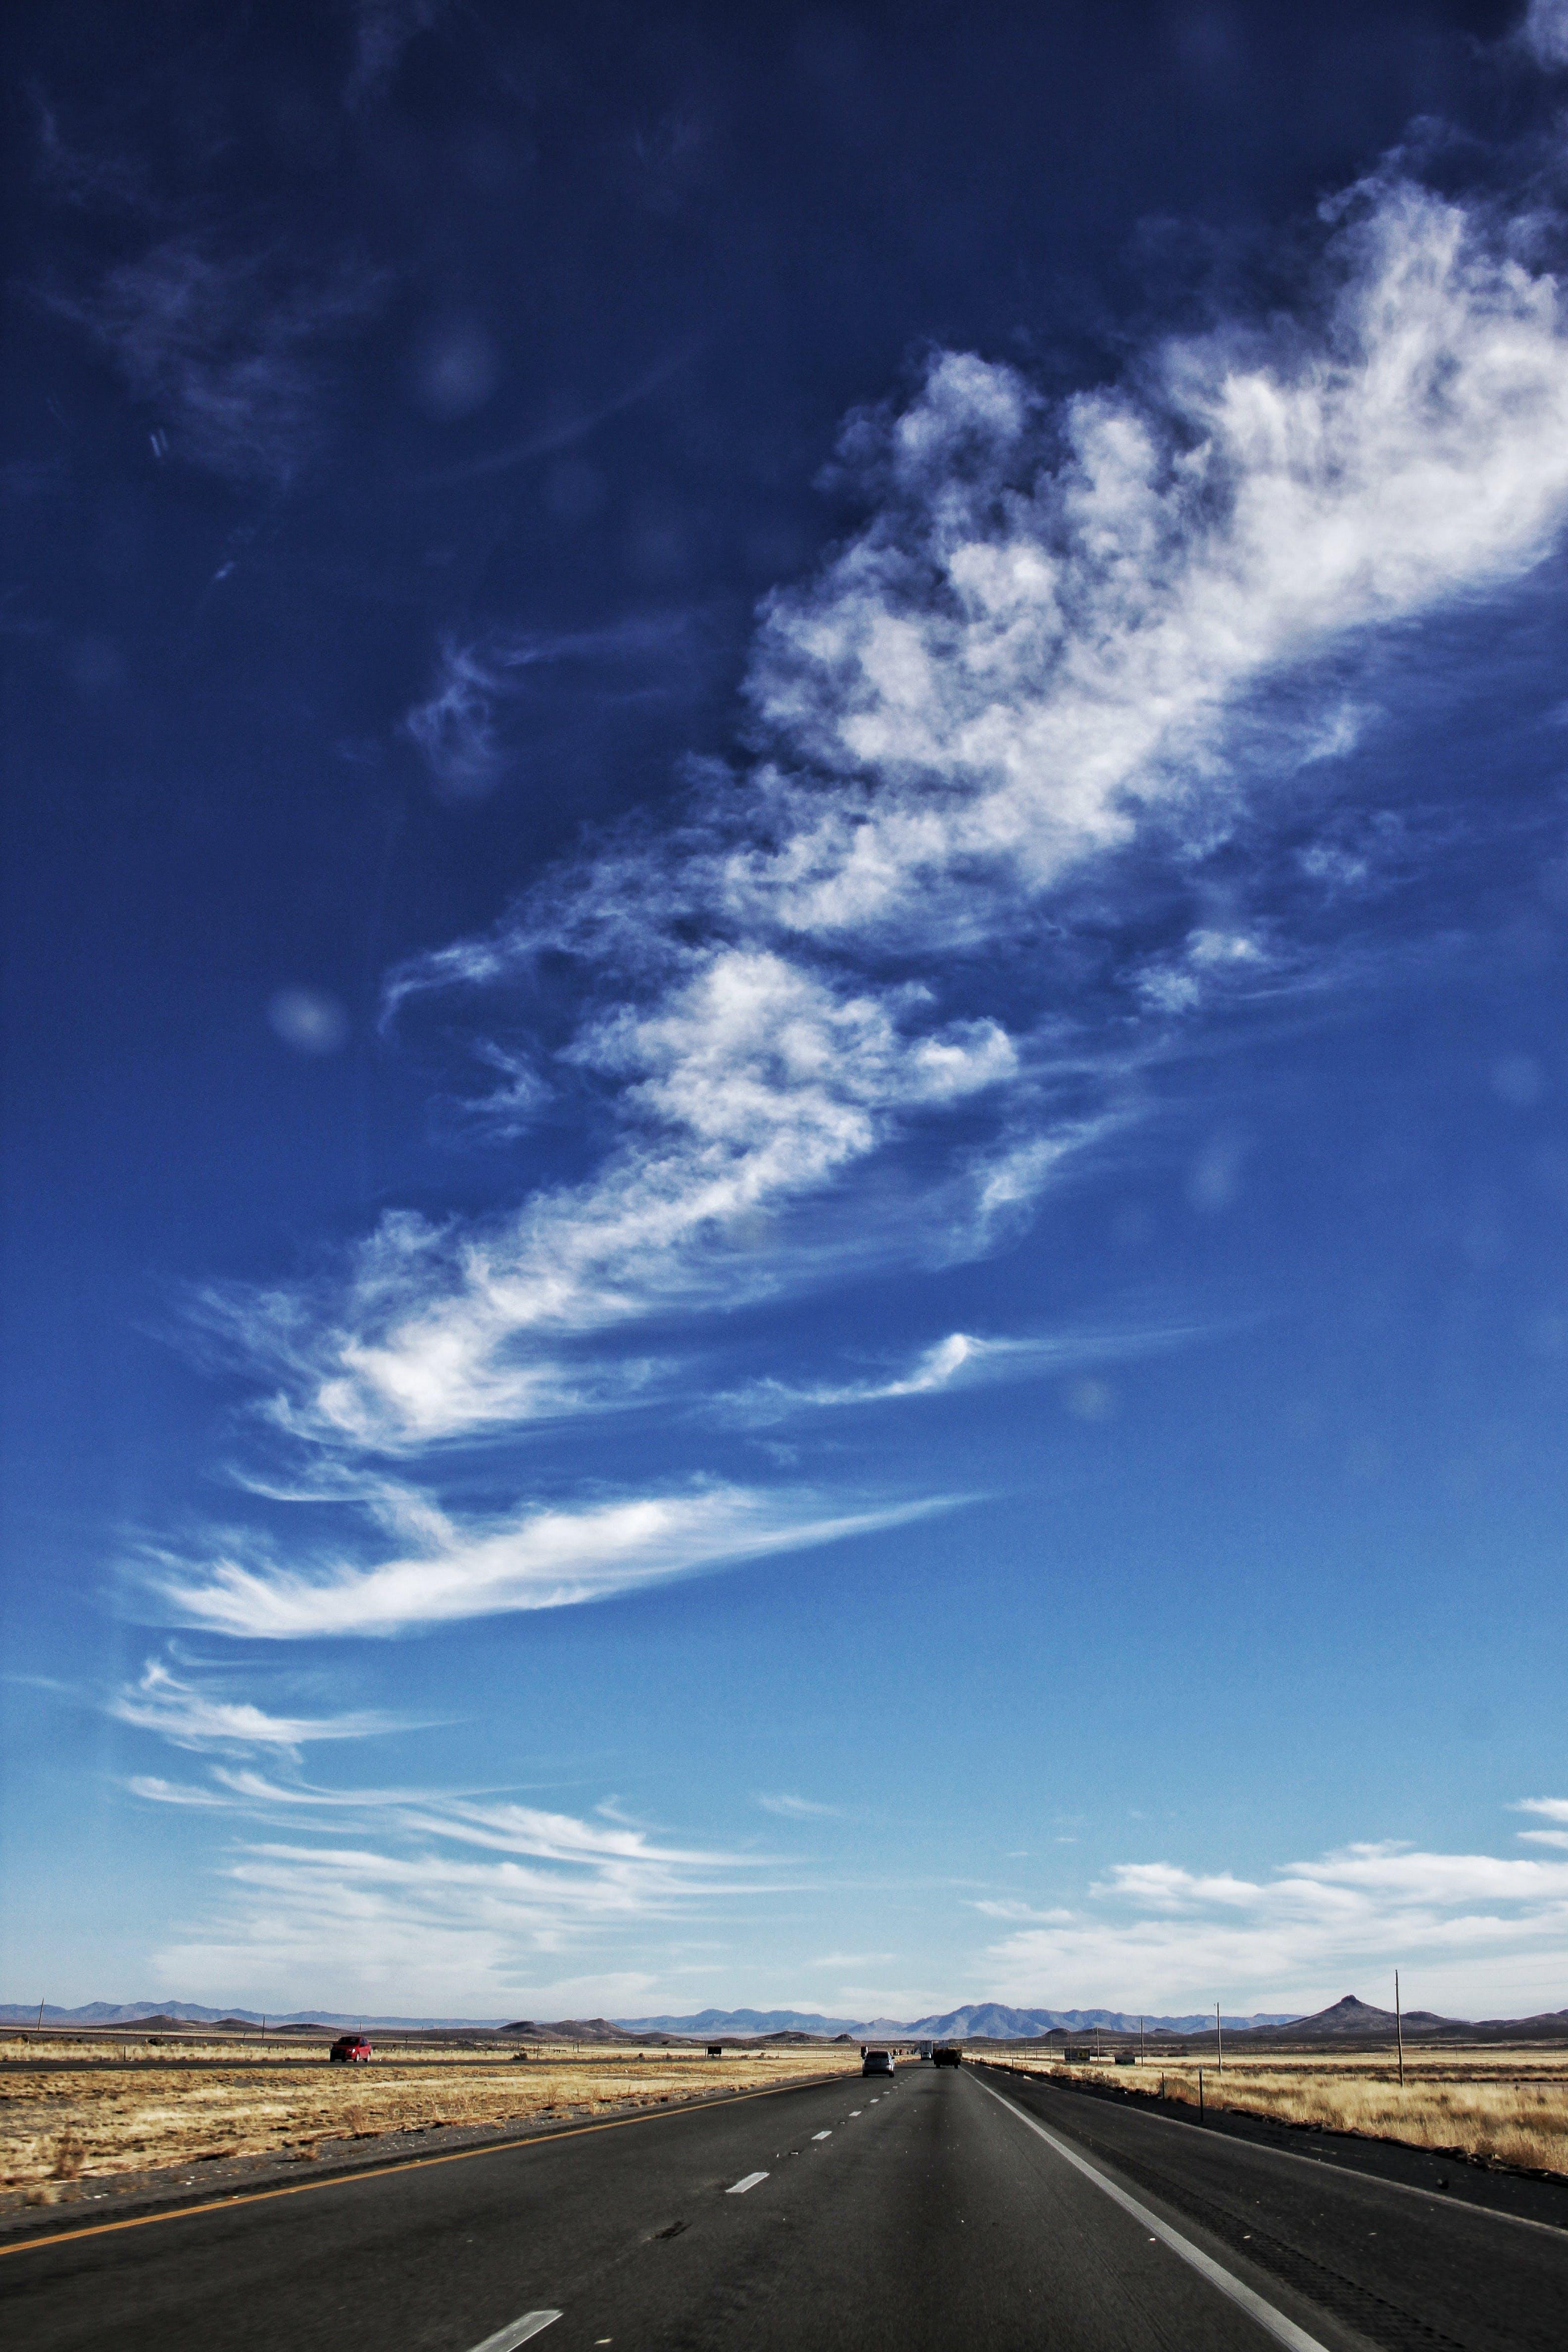 asfalt, bulutlar, cennet, çöl içeren Ücretsiz stok fotoğraf